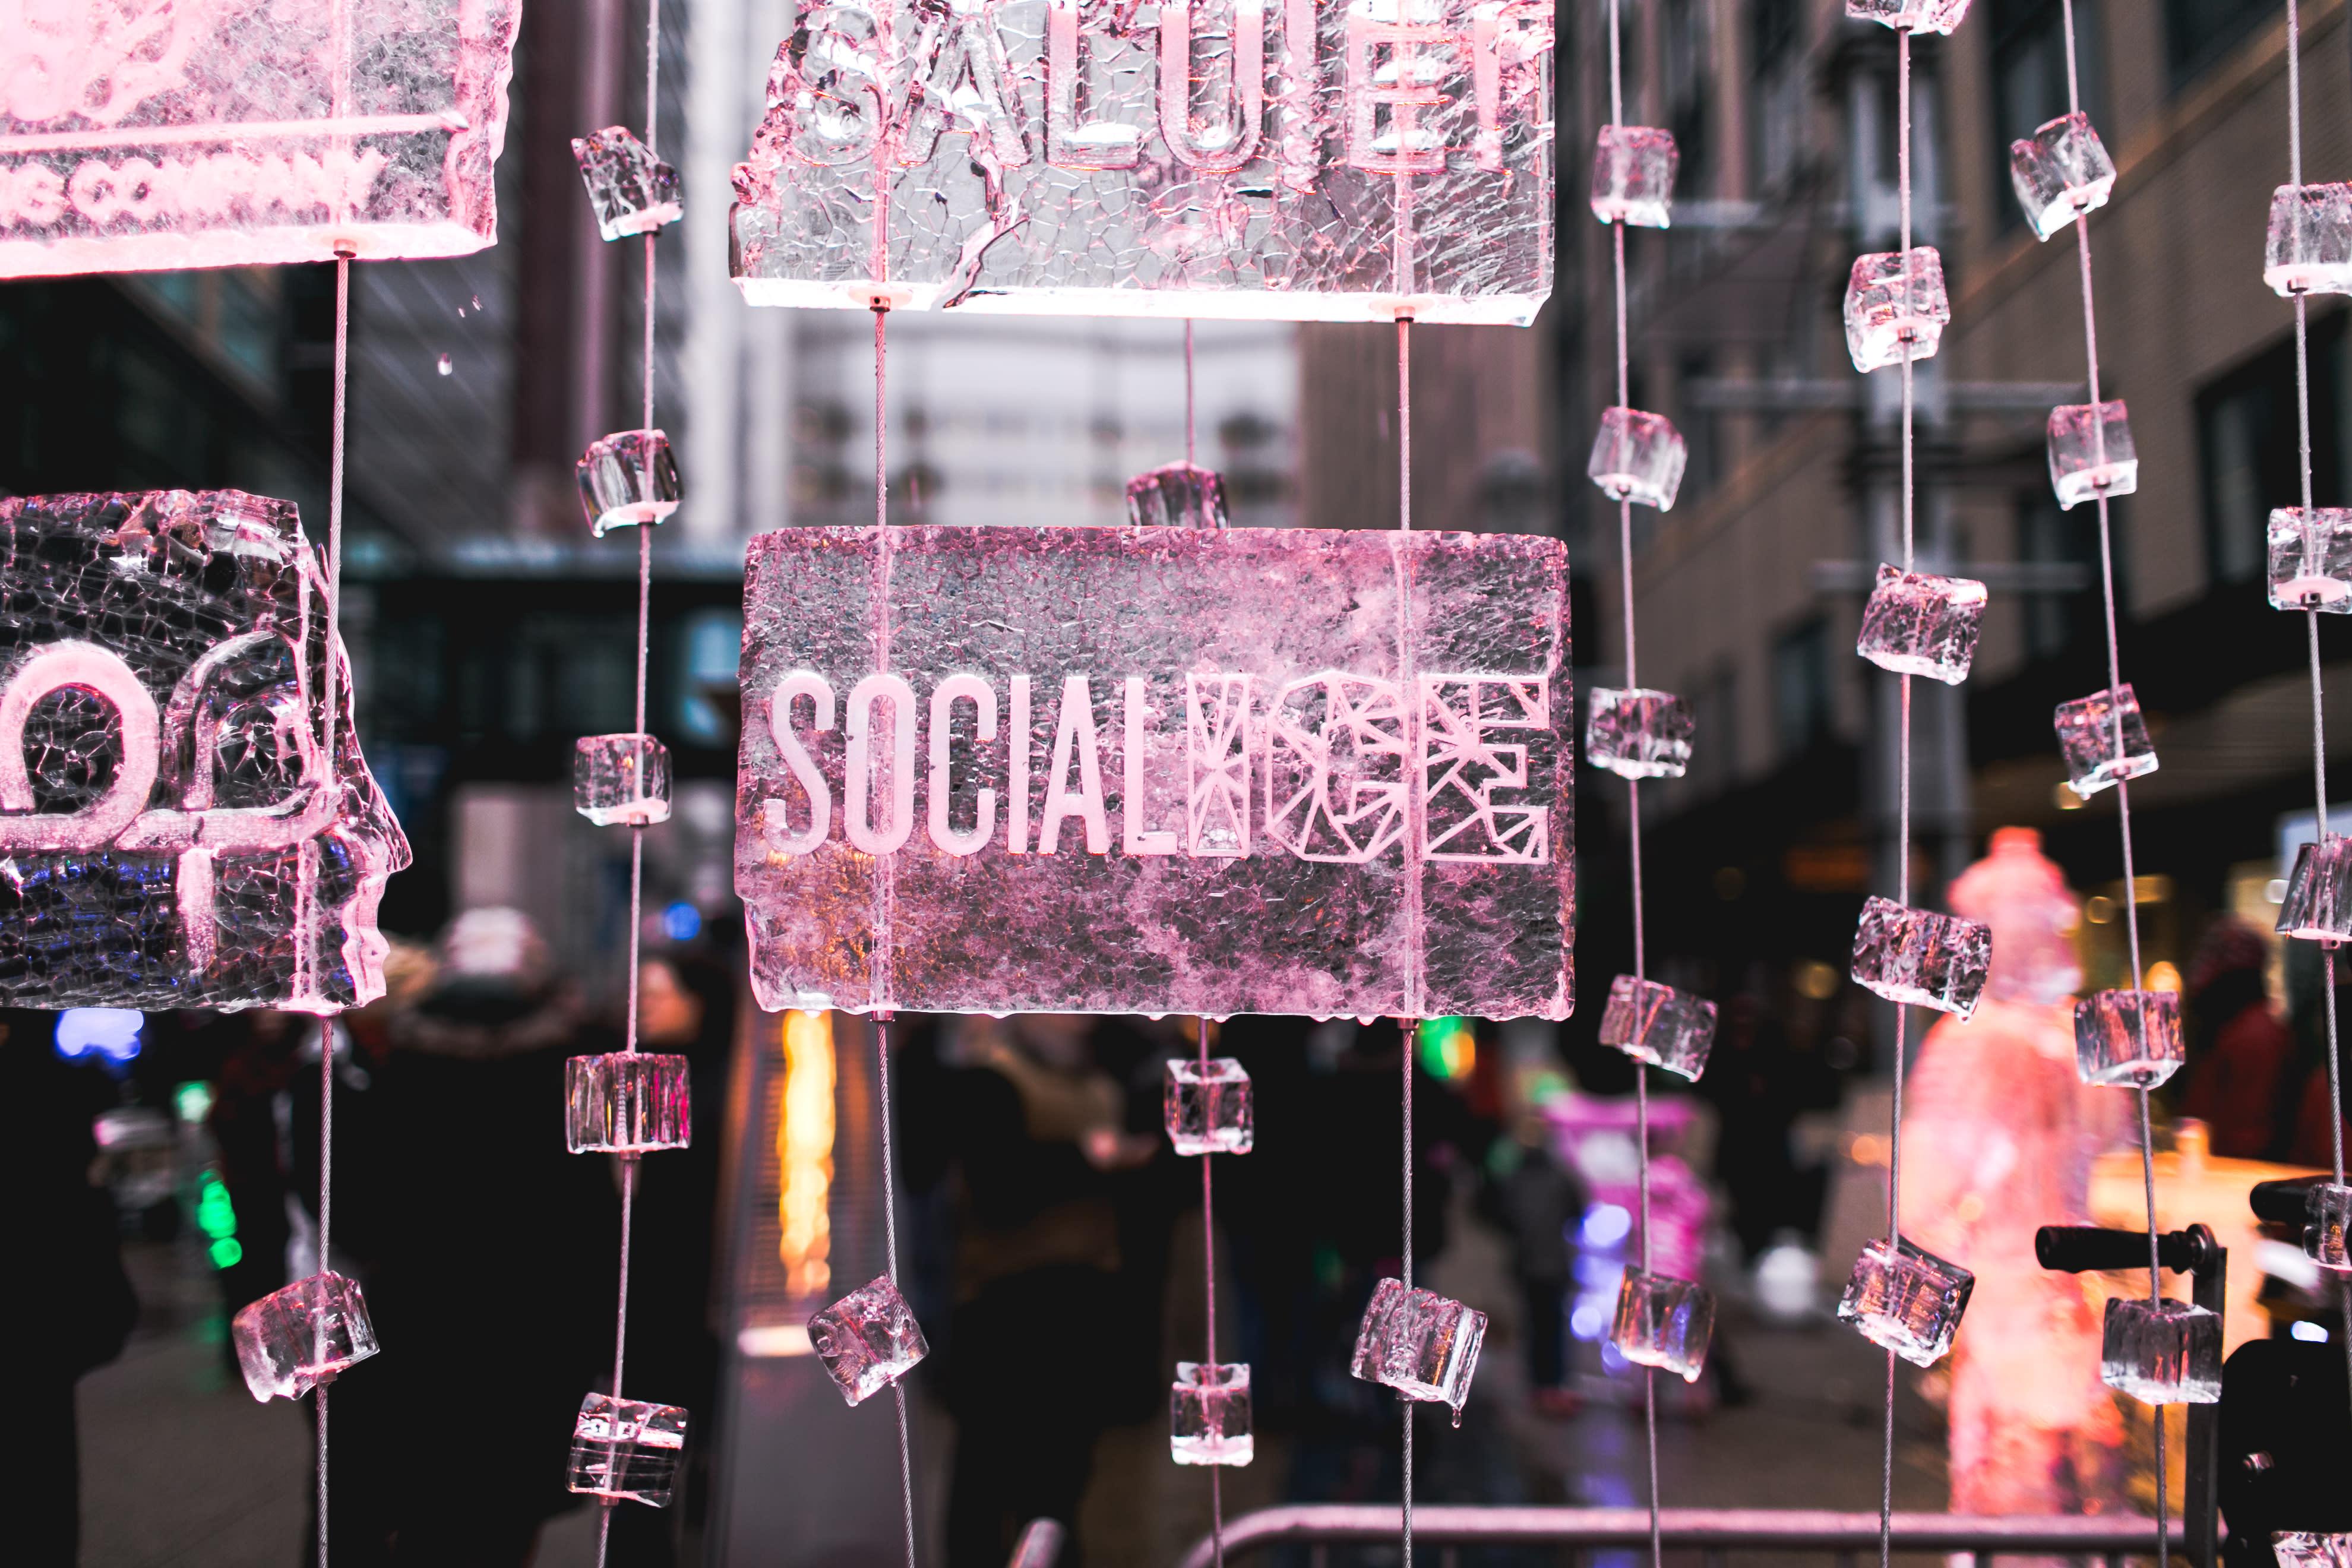 SocialICE in Rochester, MN